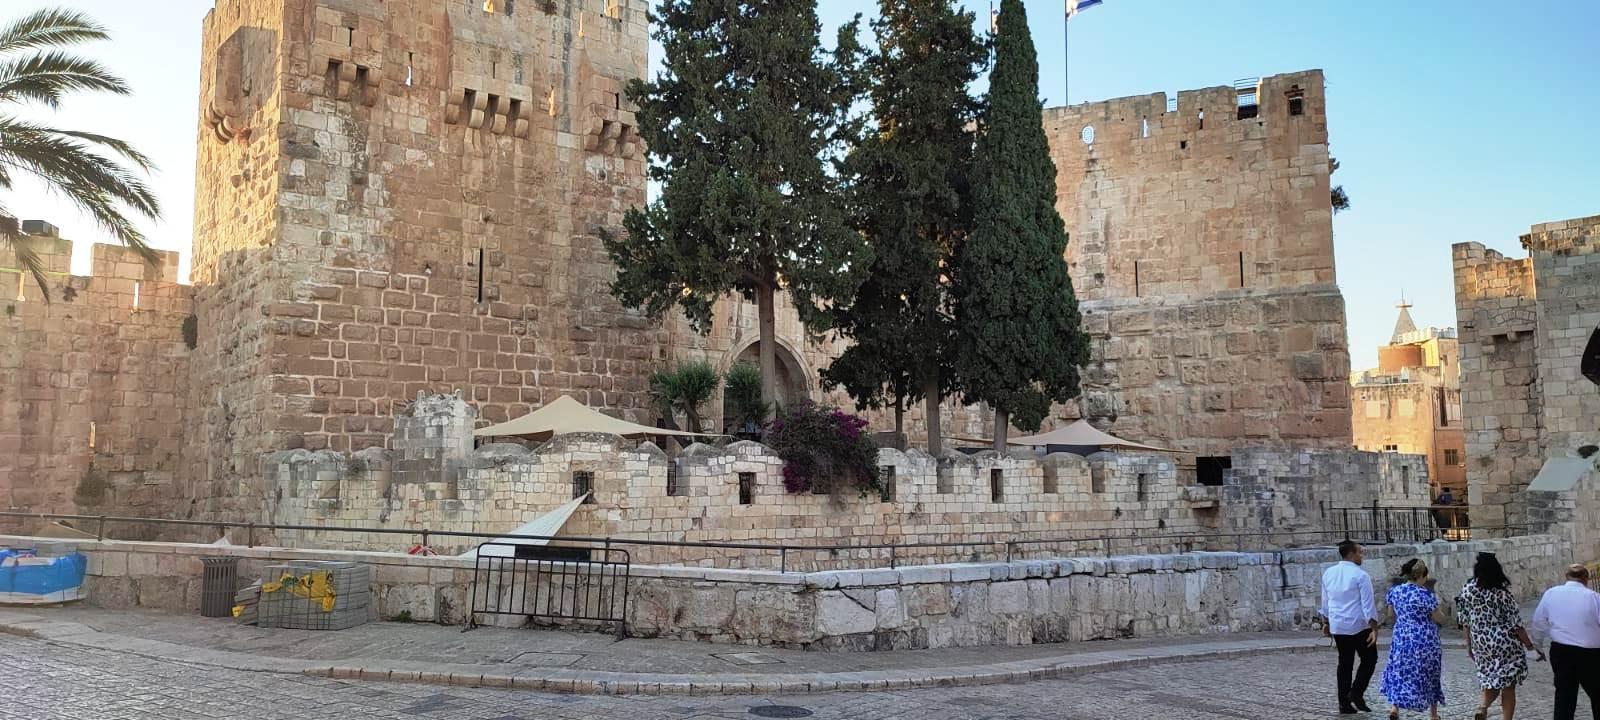 04. Башня Давида